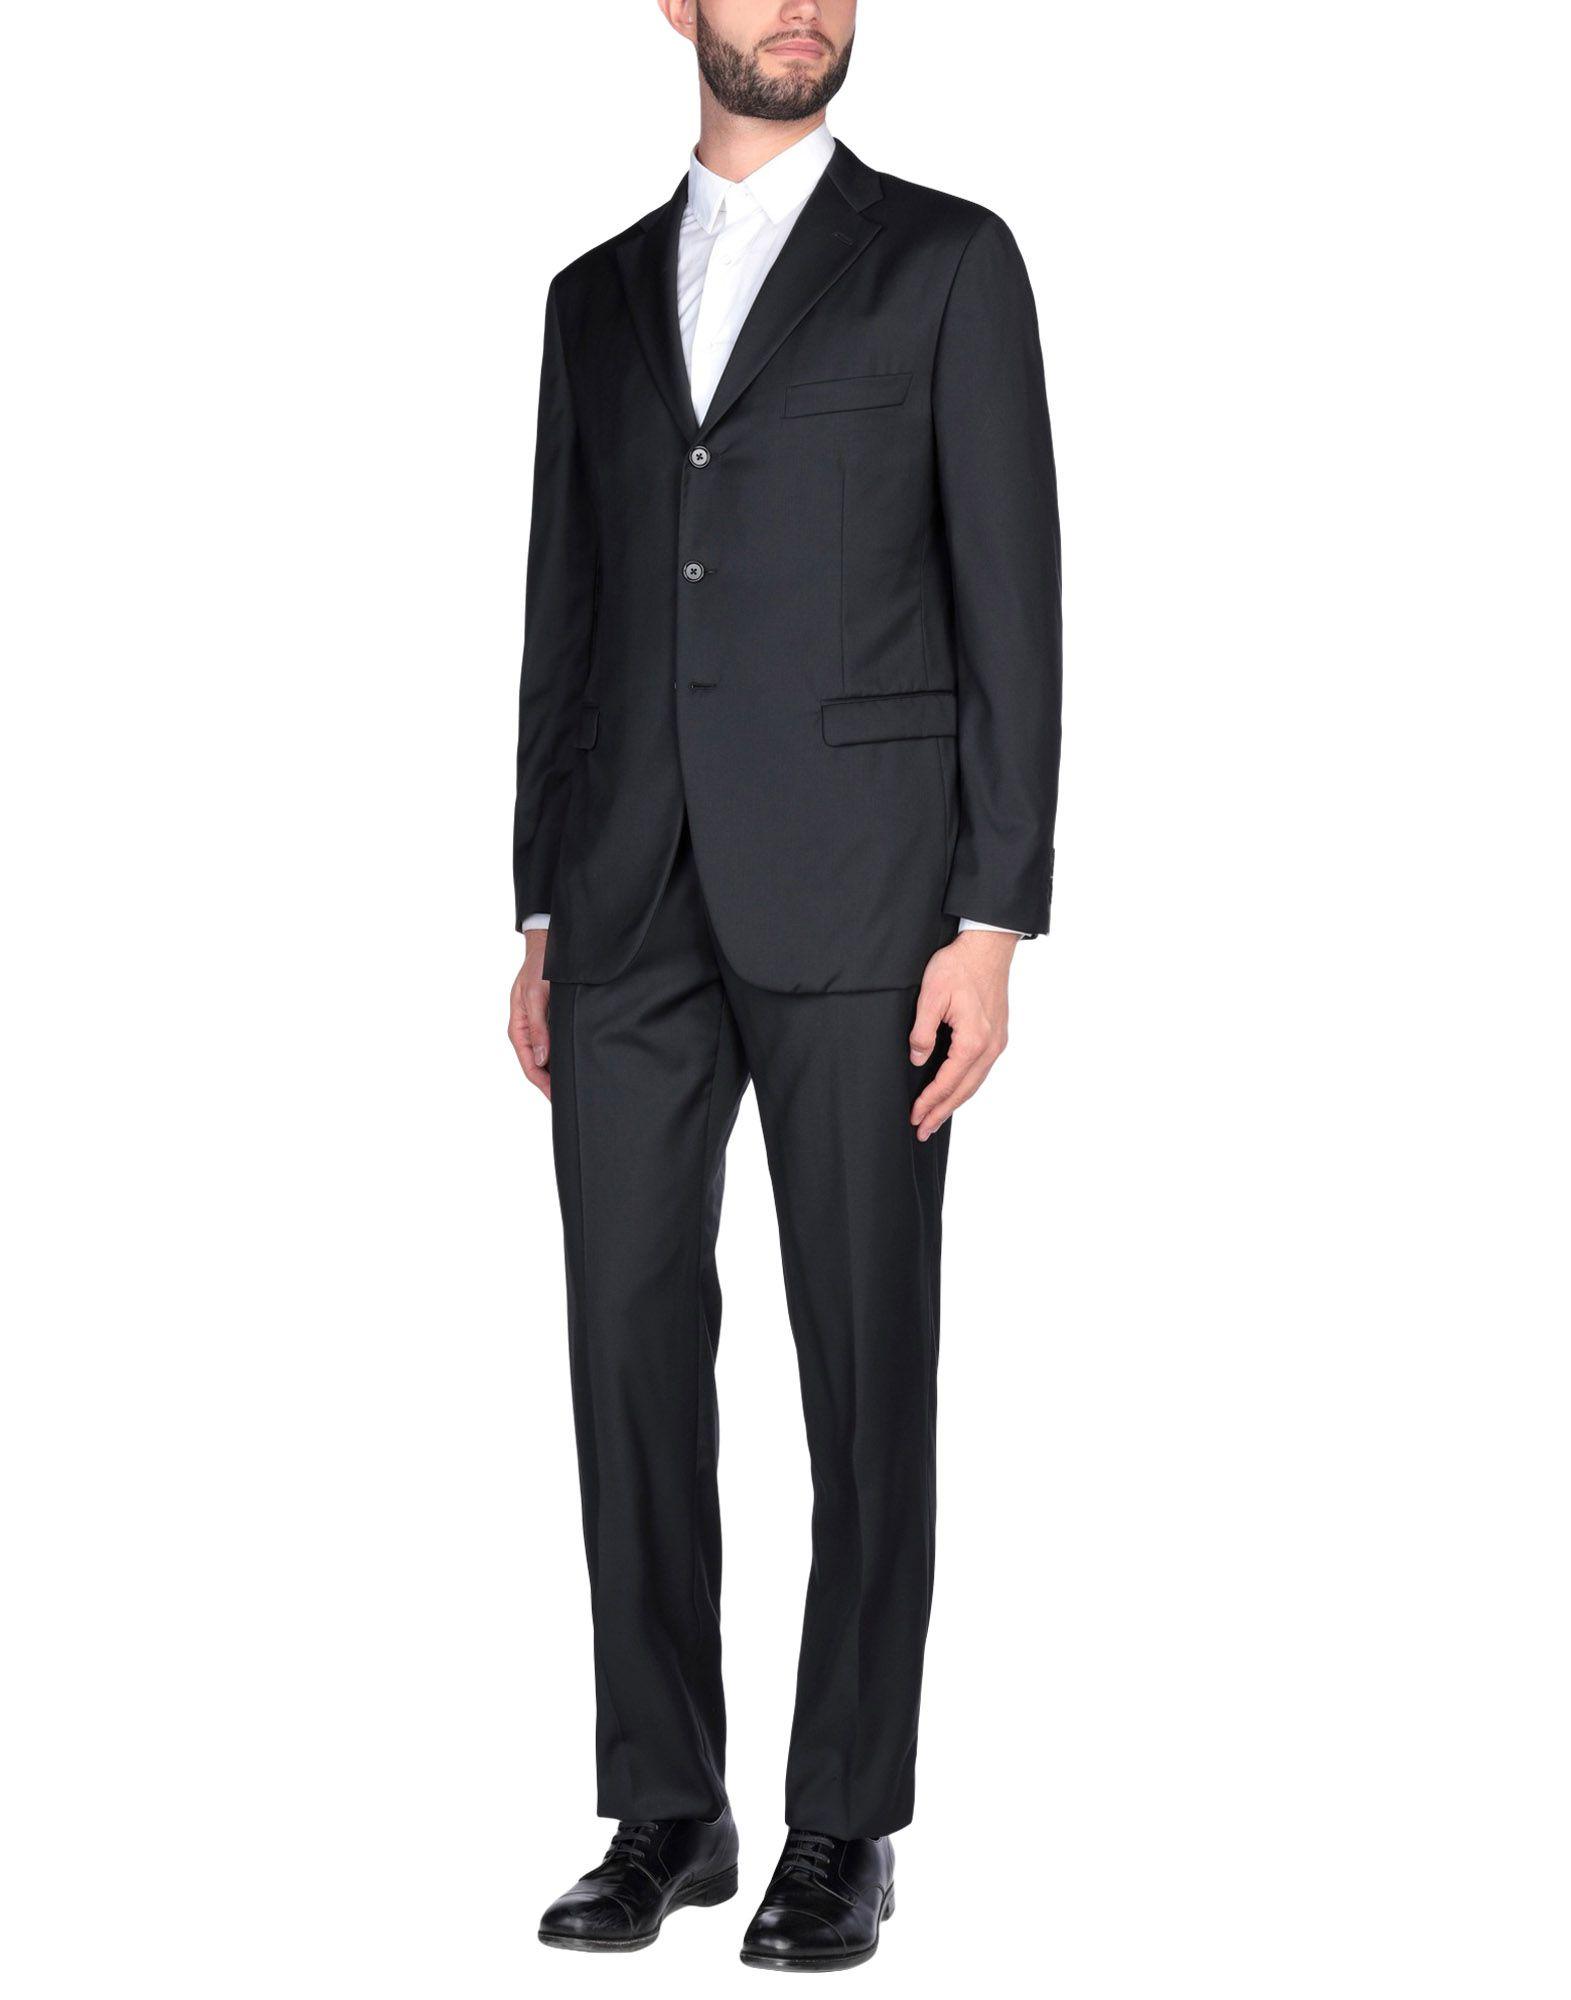 《送料無料》BURBERRY メンズ スーツ ブラック 54 スーパー130 ウール 100%